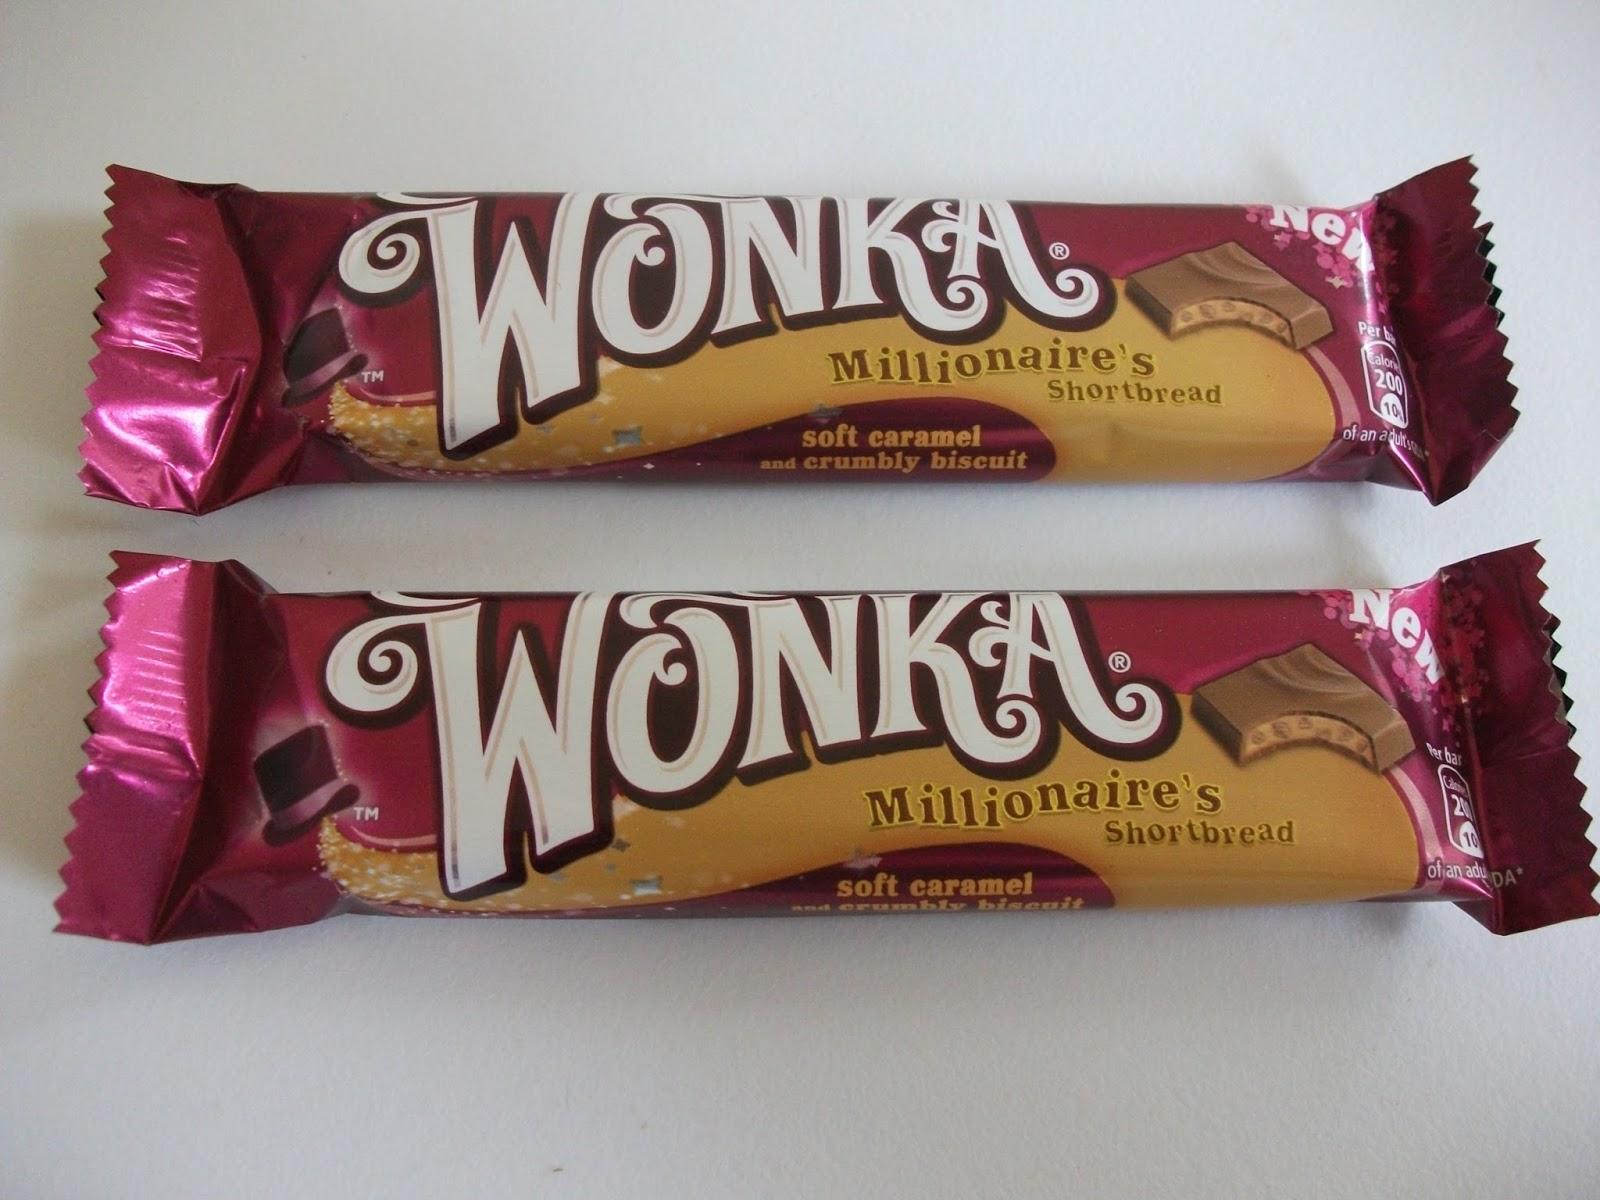 Nestlé Wonka Millionaires Shortbread Bar Review